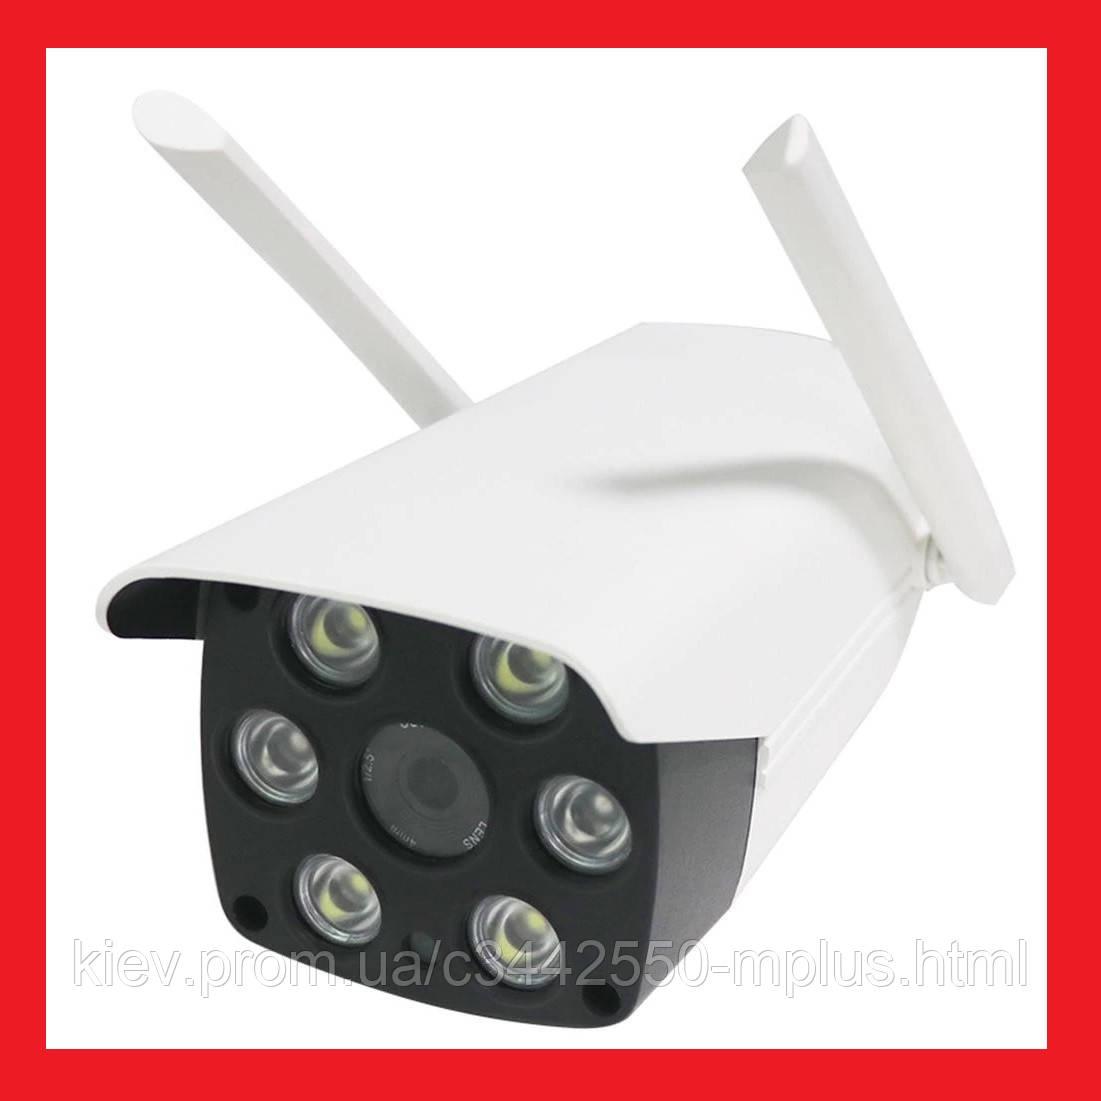 IP WiFi камера 3020 с удаленным доступом уличная + блок питания